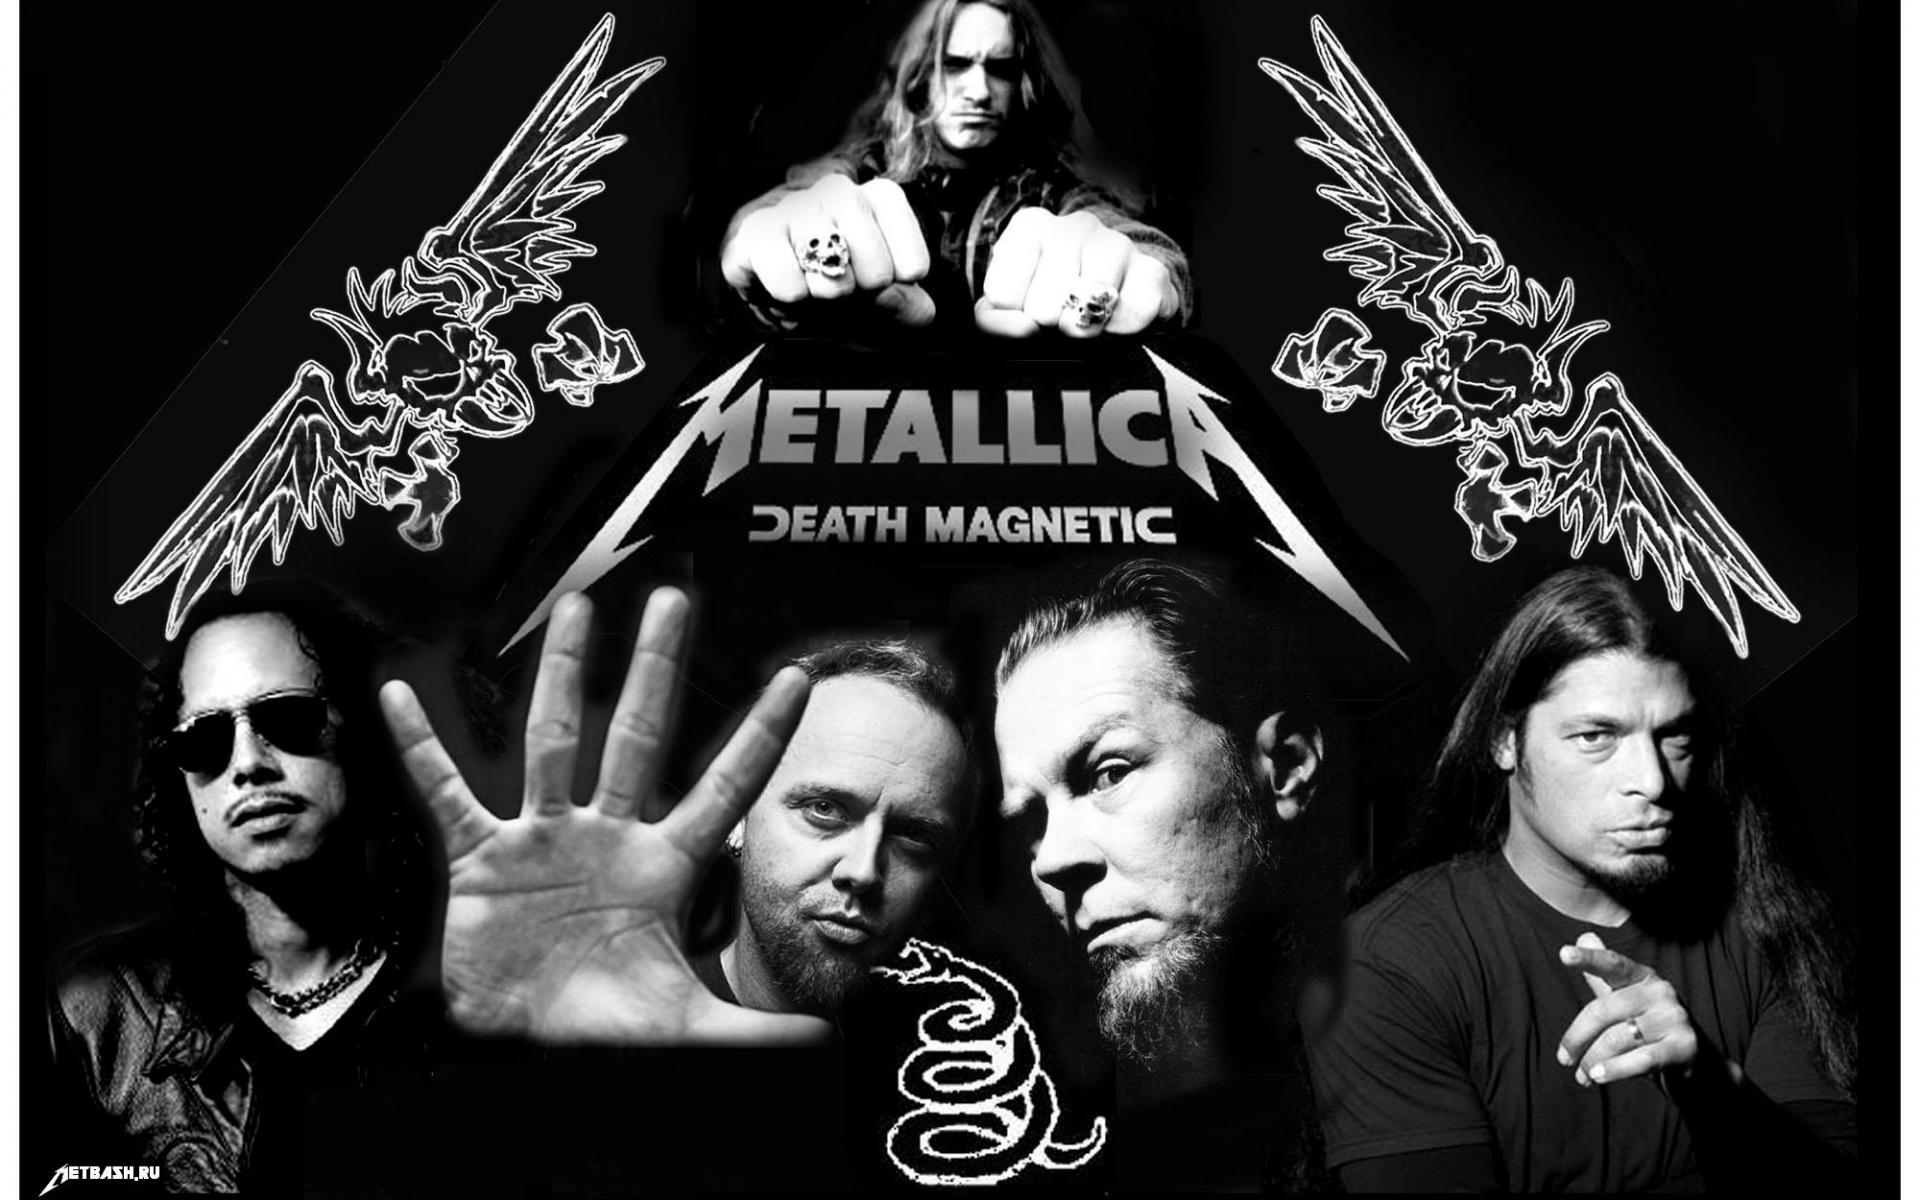 3279 Заставки и Обои Артисты на телефон. Скачать Артисты, Металлика (Metallica), Музыка, Мужчины картинки бесплатно